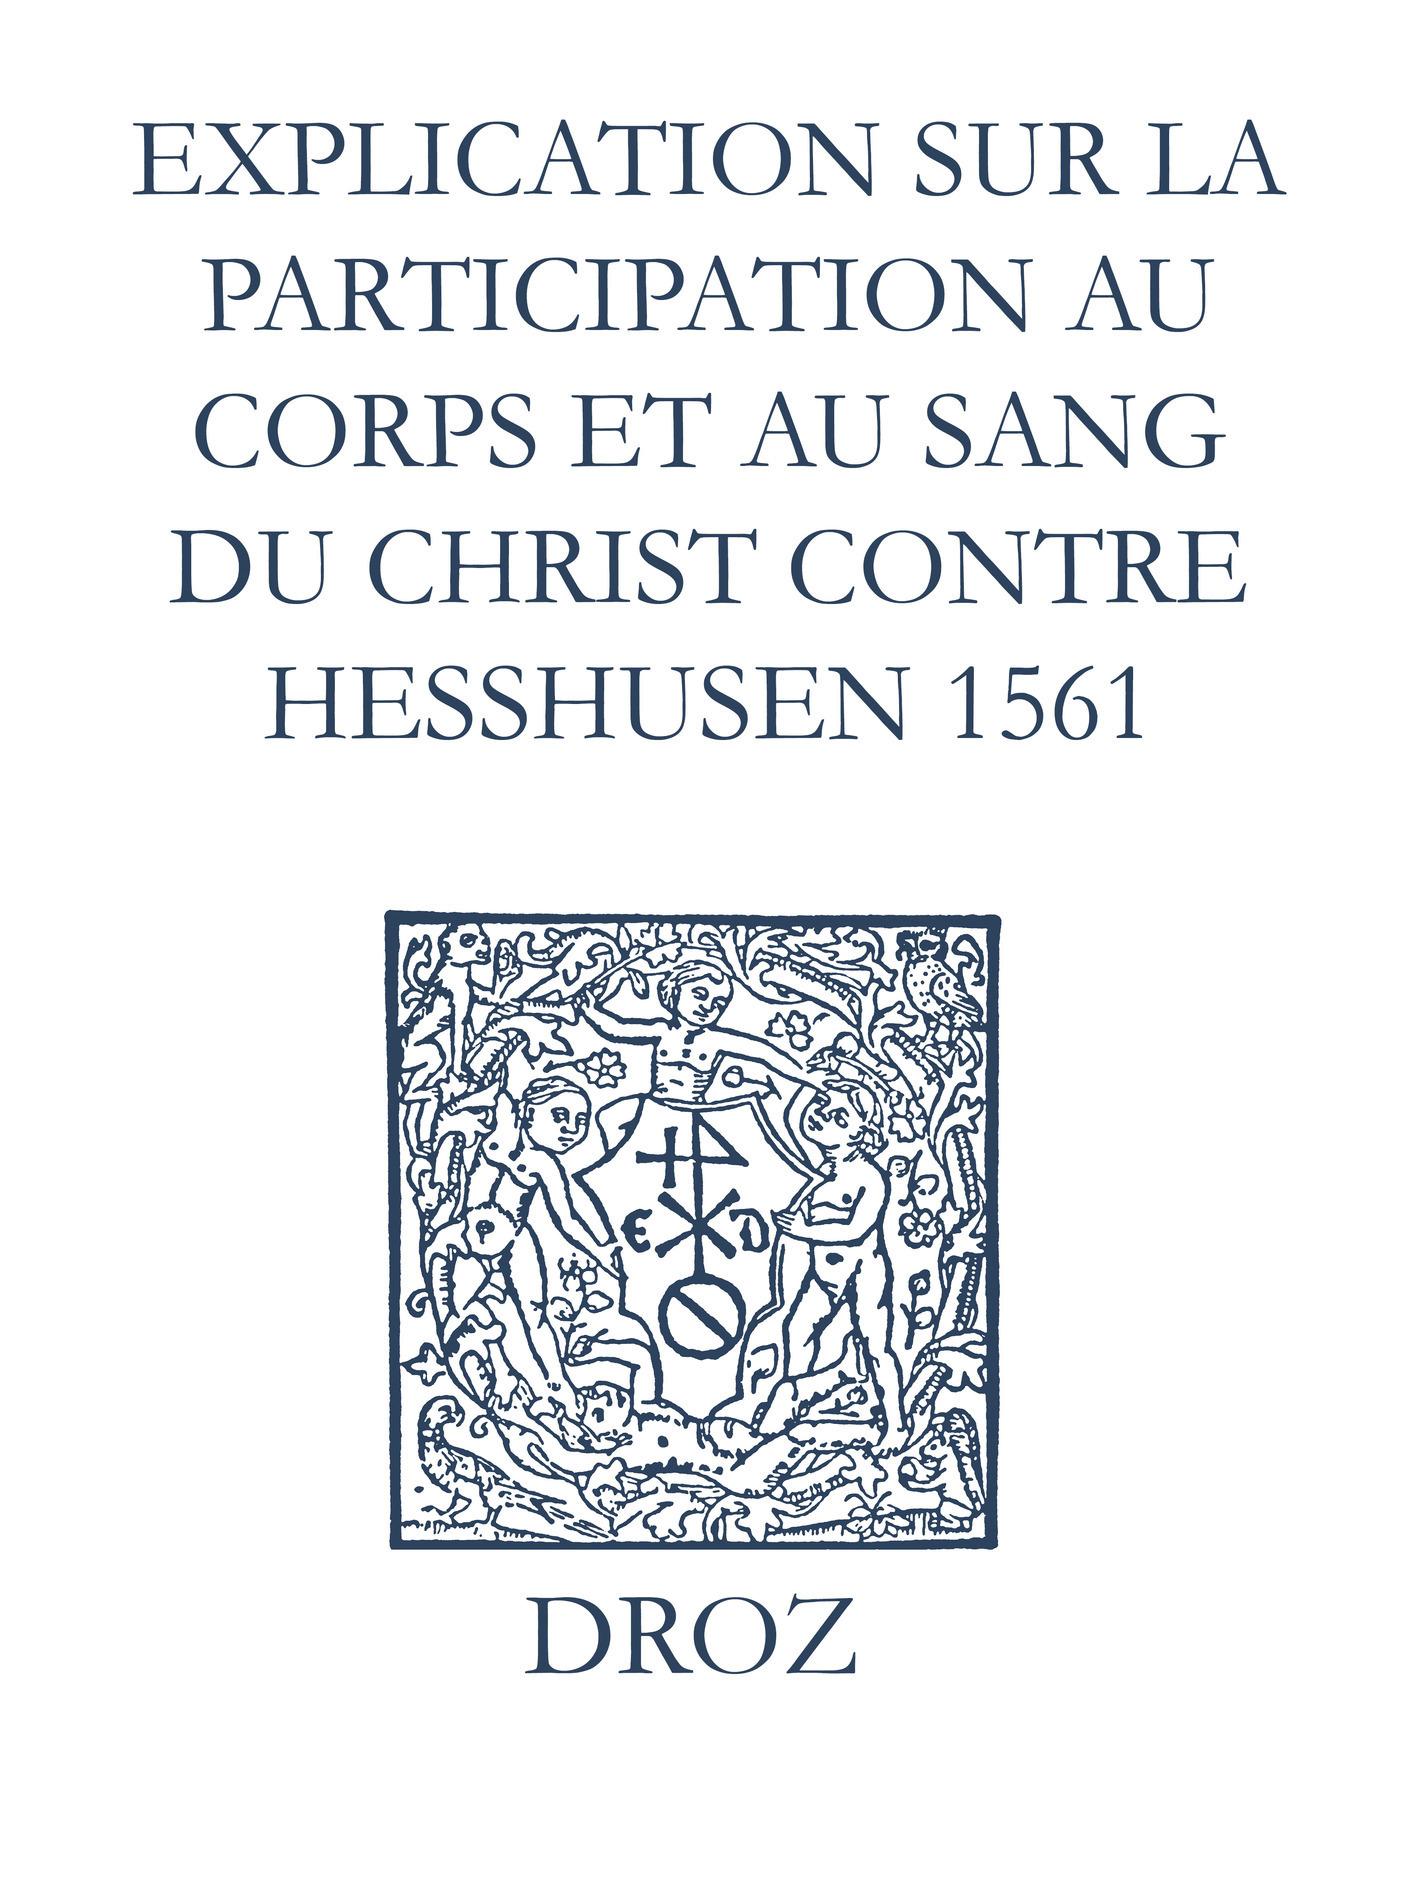 Recueil des opuscules 1566. Explication sur la participation au corps et au sang du Christ contre Heßhusen (1561)  - Laurence Vial-Bergon